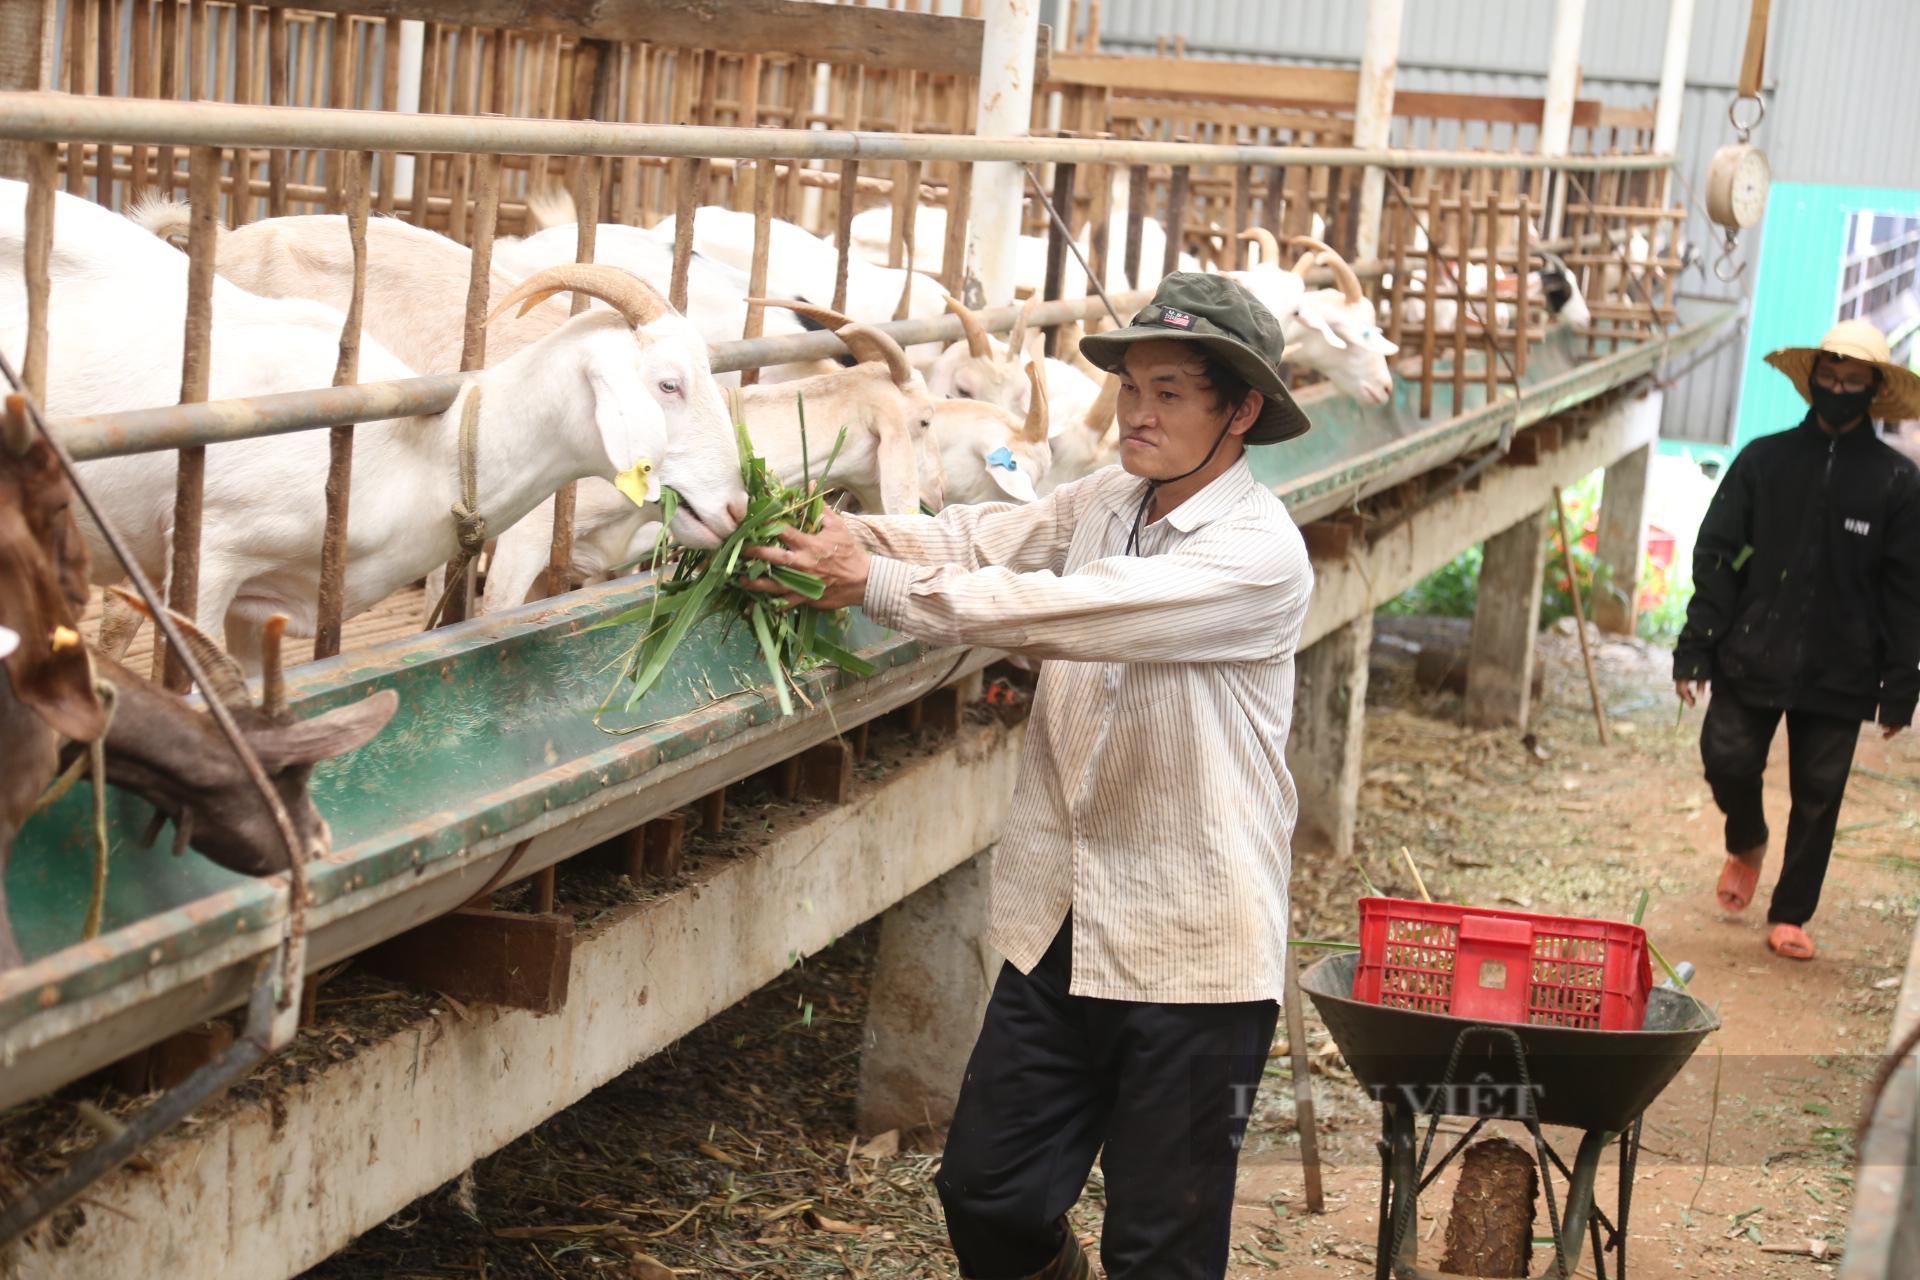 Đắk Lắk: Bỏ phố về quê nuôi con tai dài lấy sữa, thu gần 1 tỷ đồng/năm - Ảnh 6.